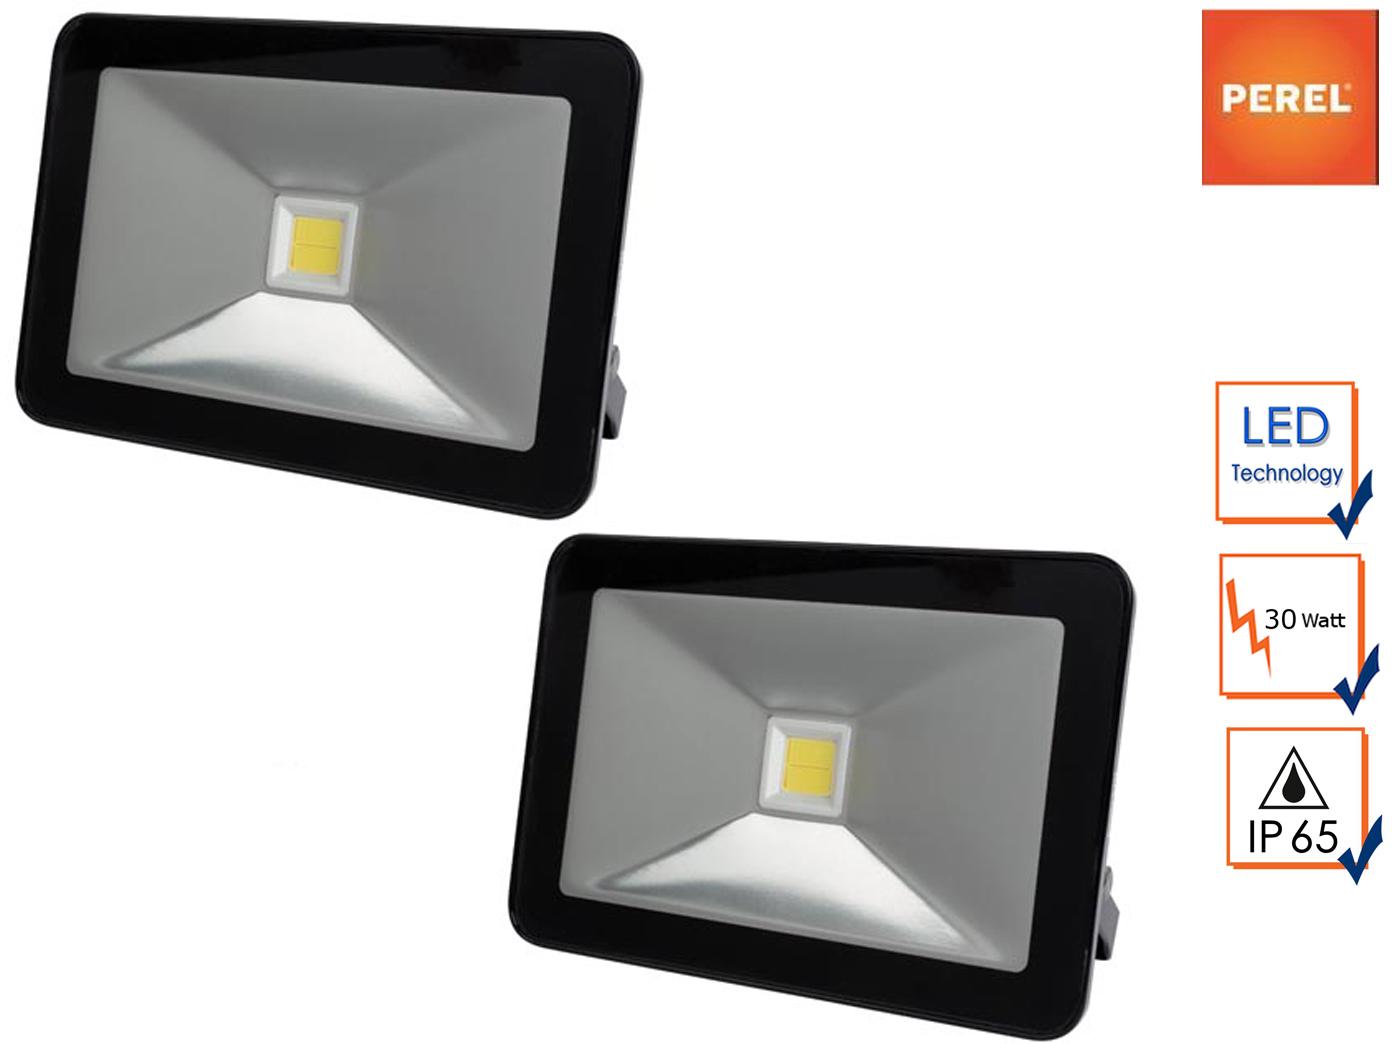 2x 30W LED Strahler Außenscheinwerfer warmweiß, Baustelle Flutlicht Baustrahler